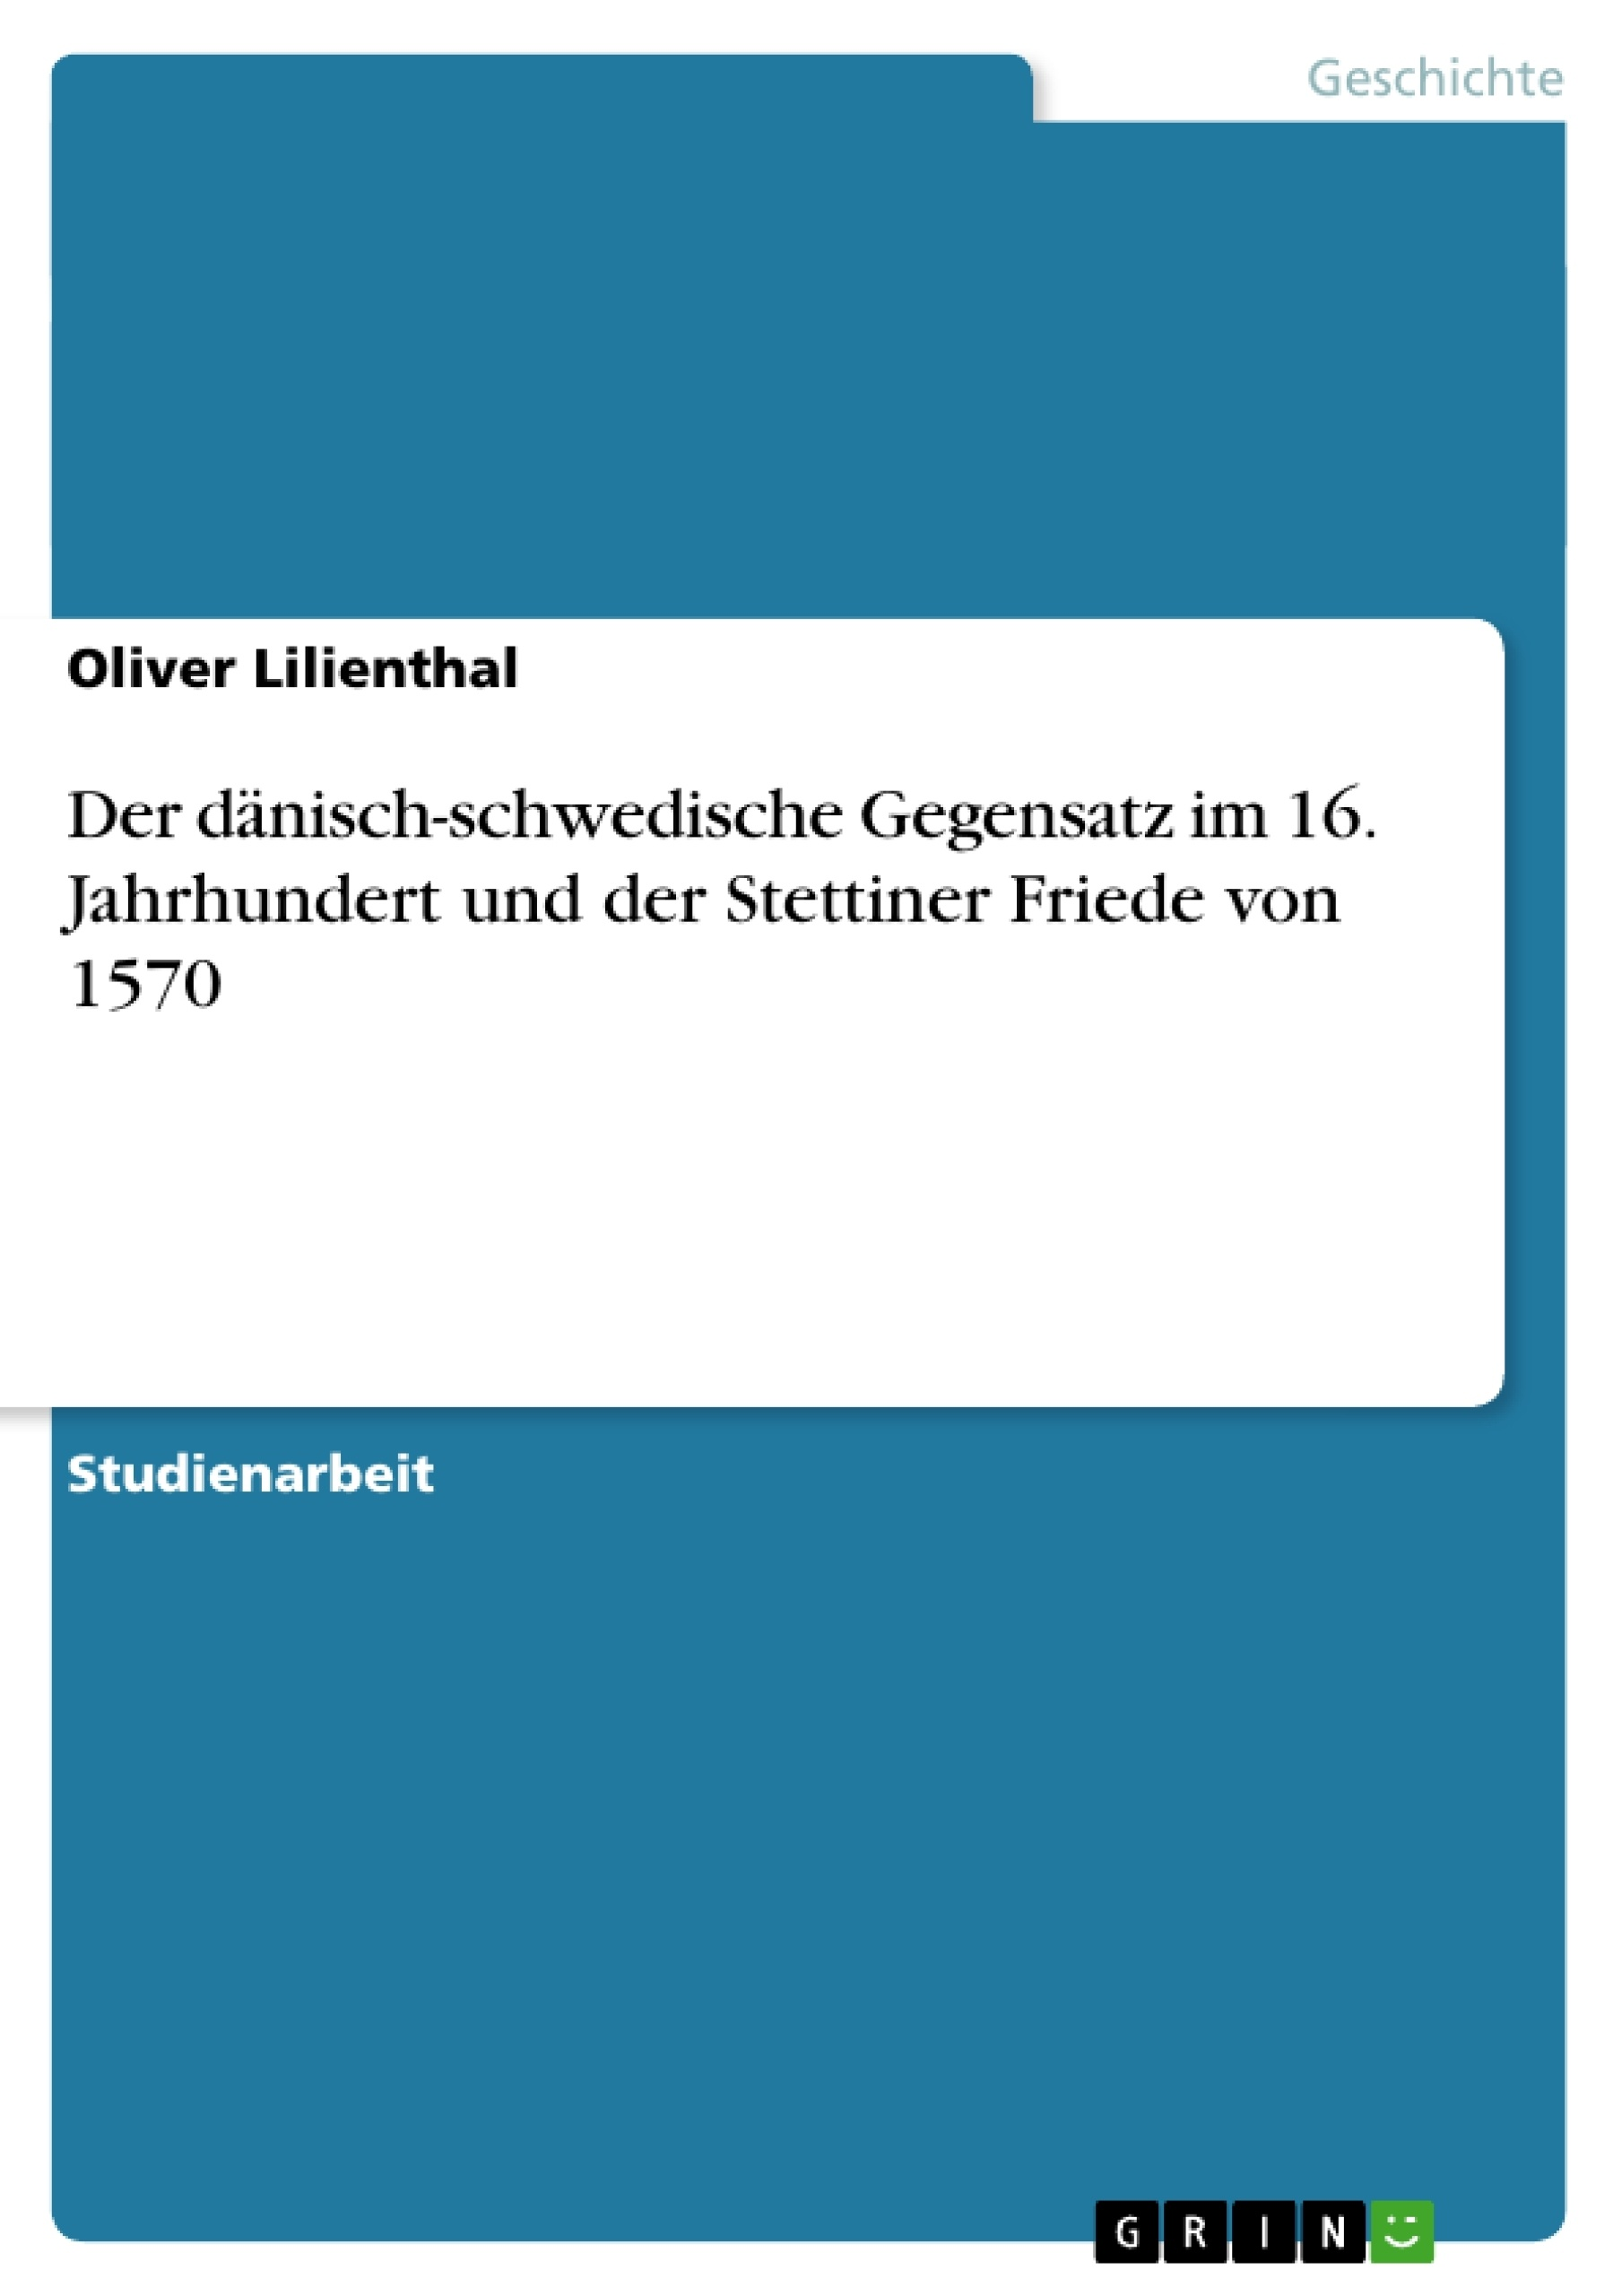 Titel: Der dänisch-schwedische Gegensatz im 16. Jahrhundert und der Stettiner Friede von 1570